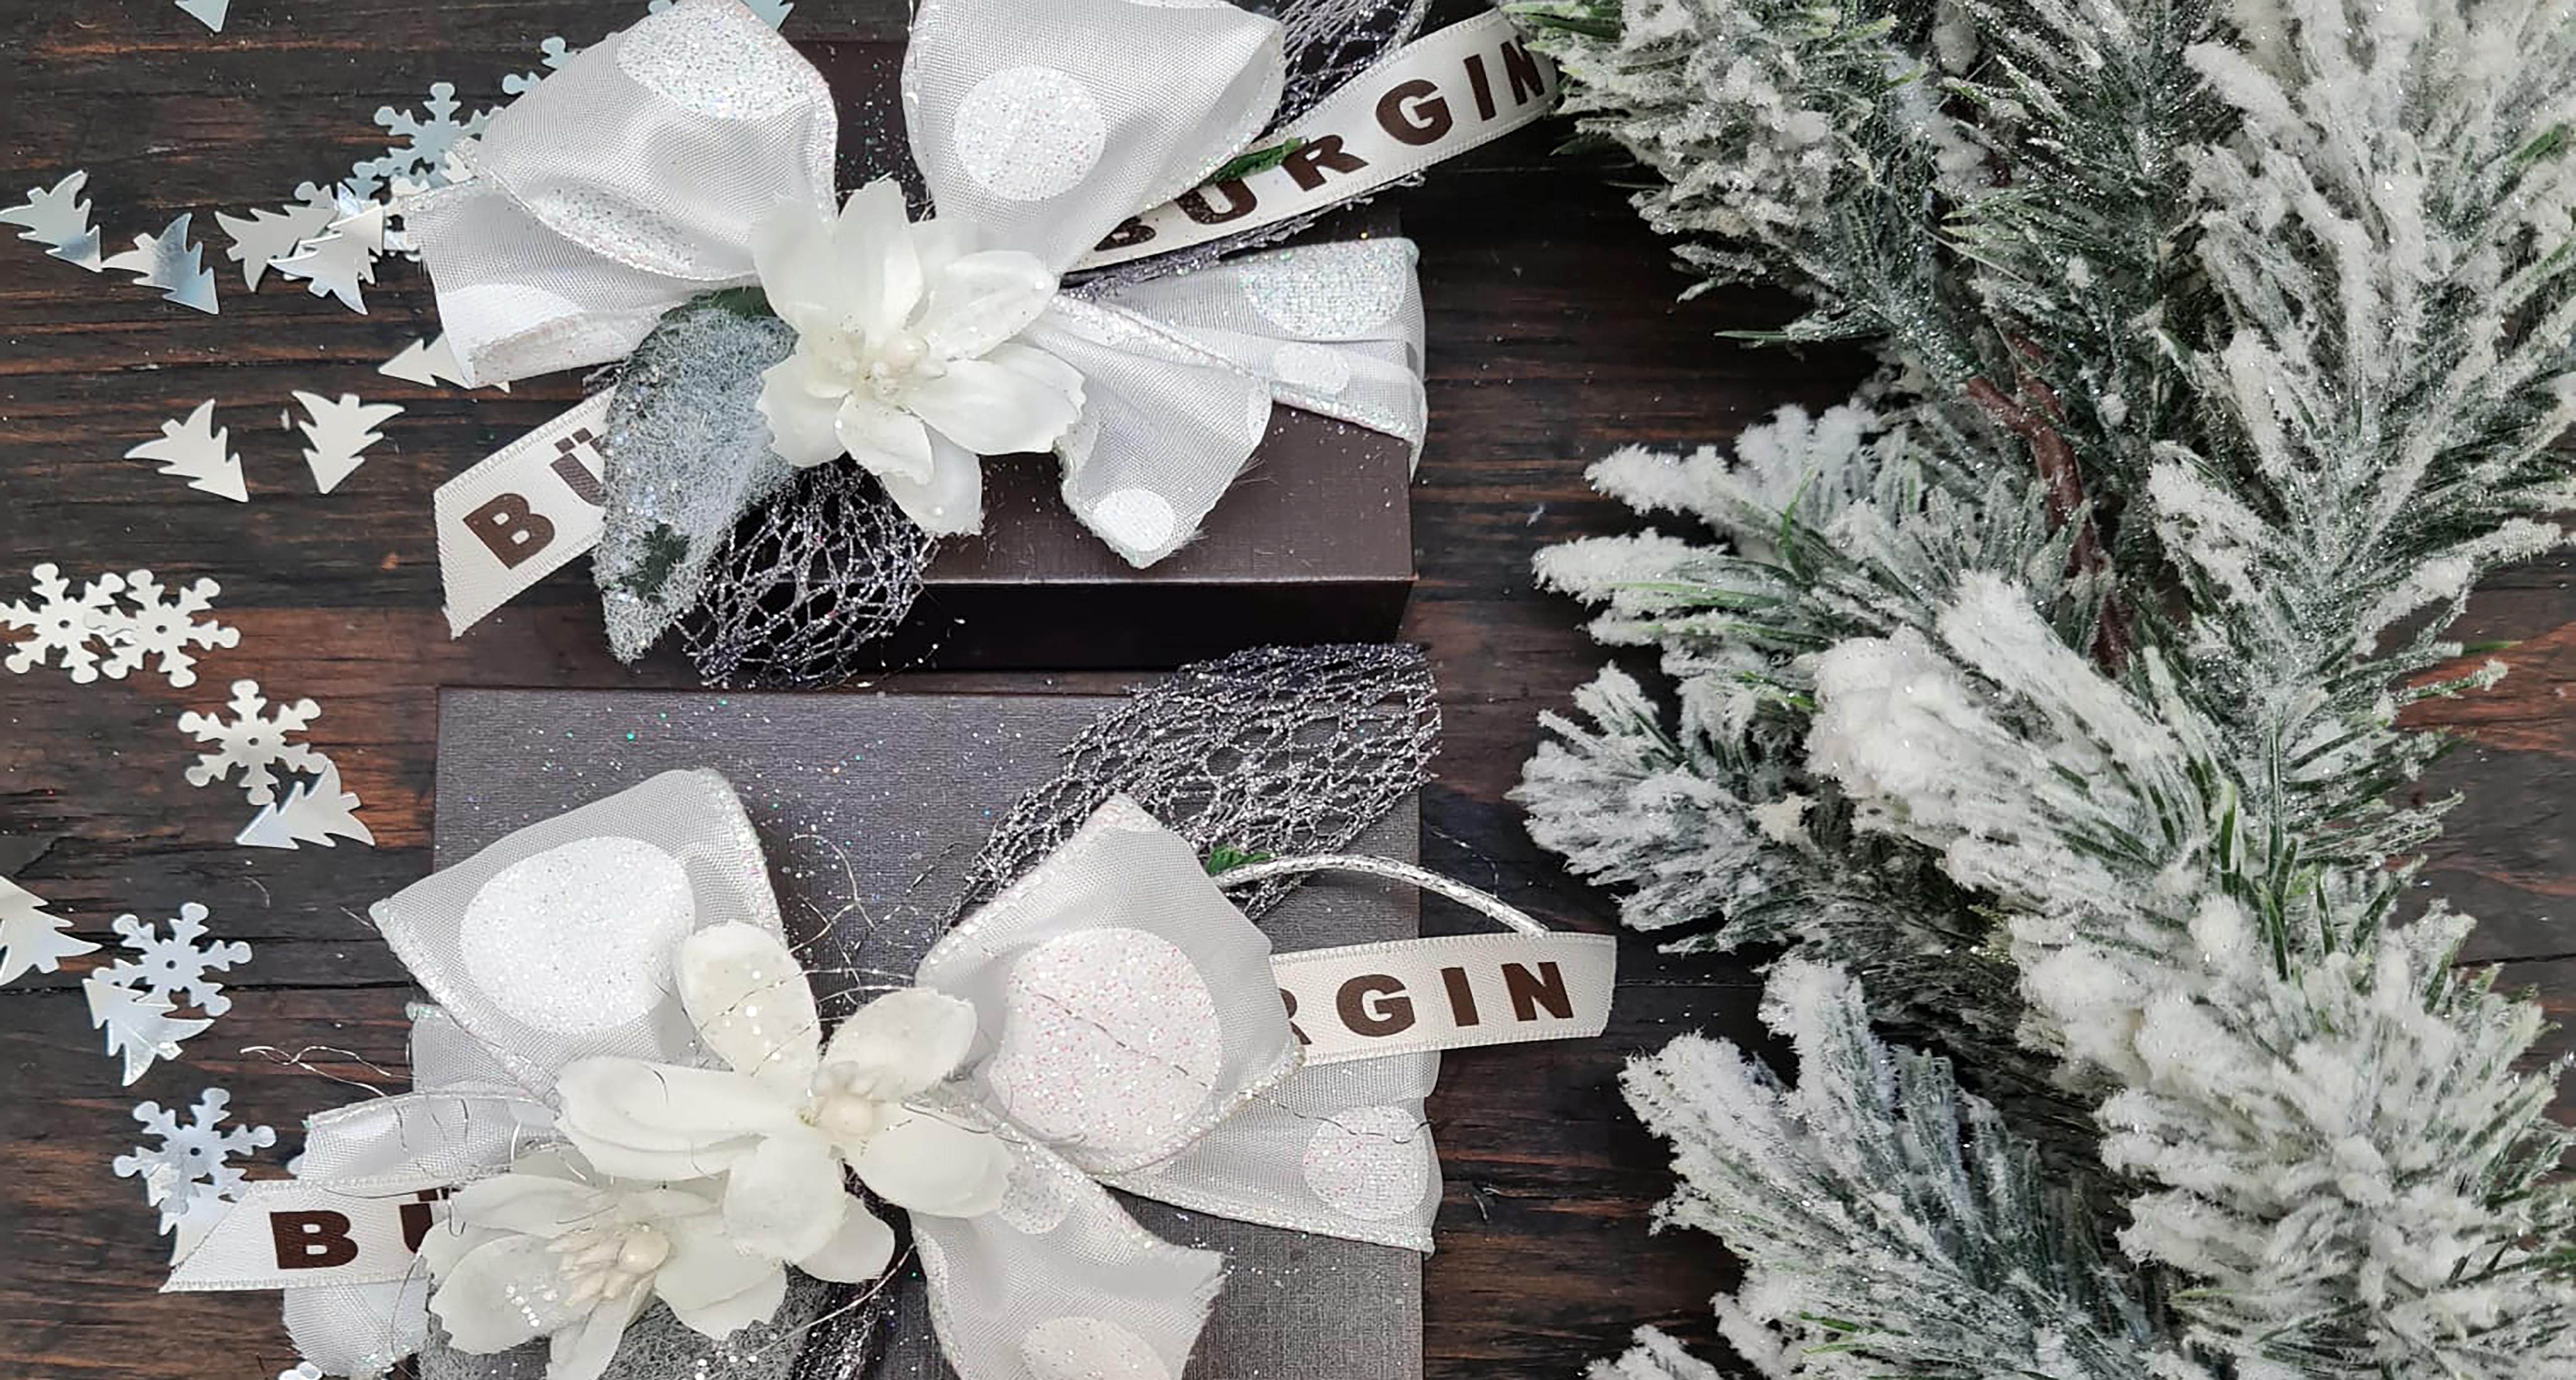 Buergin_Baeckerei_Geschenkidee_Weihnachten_Praline_Truffes